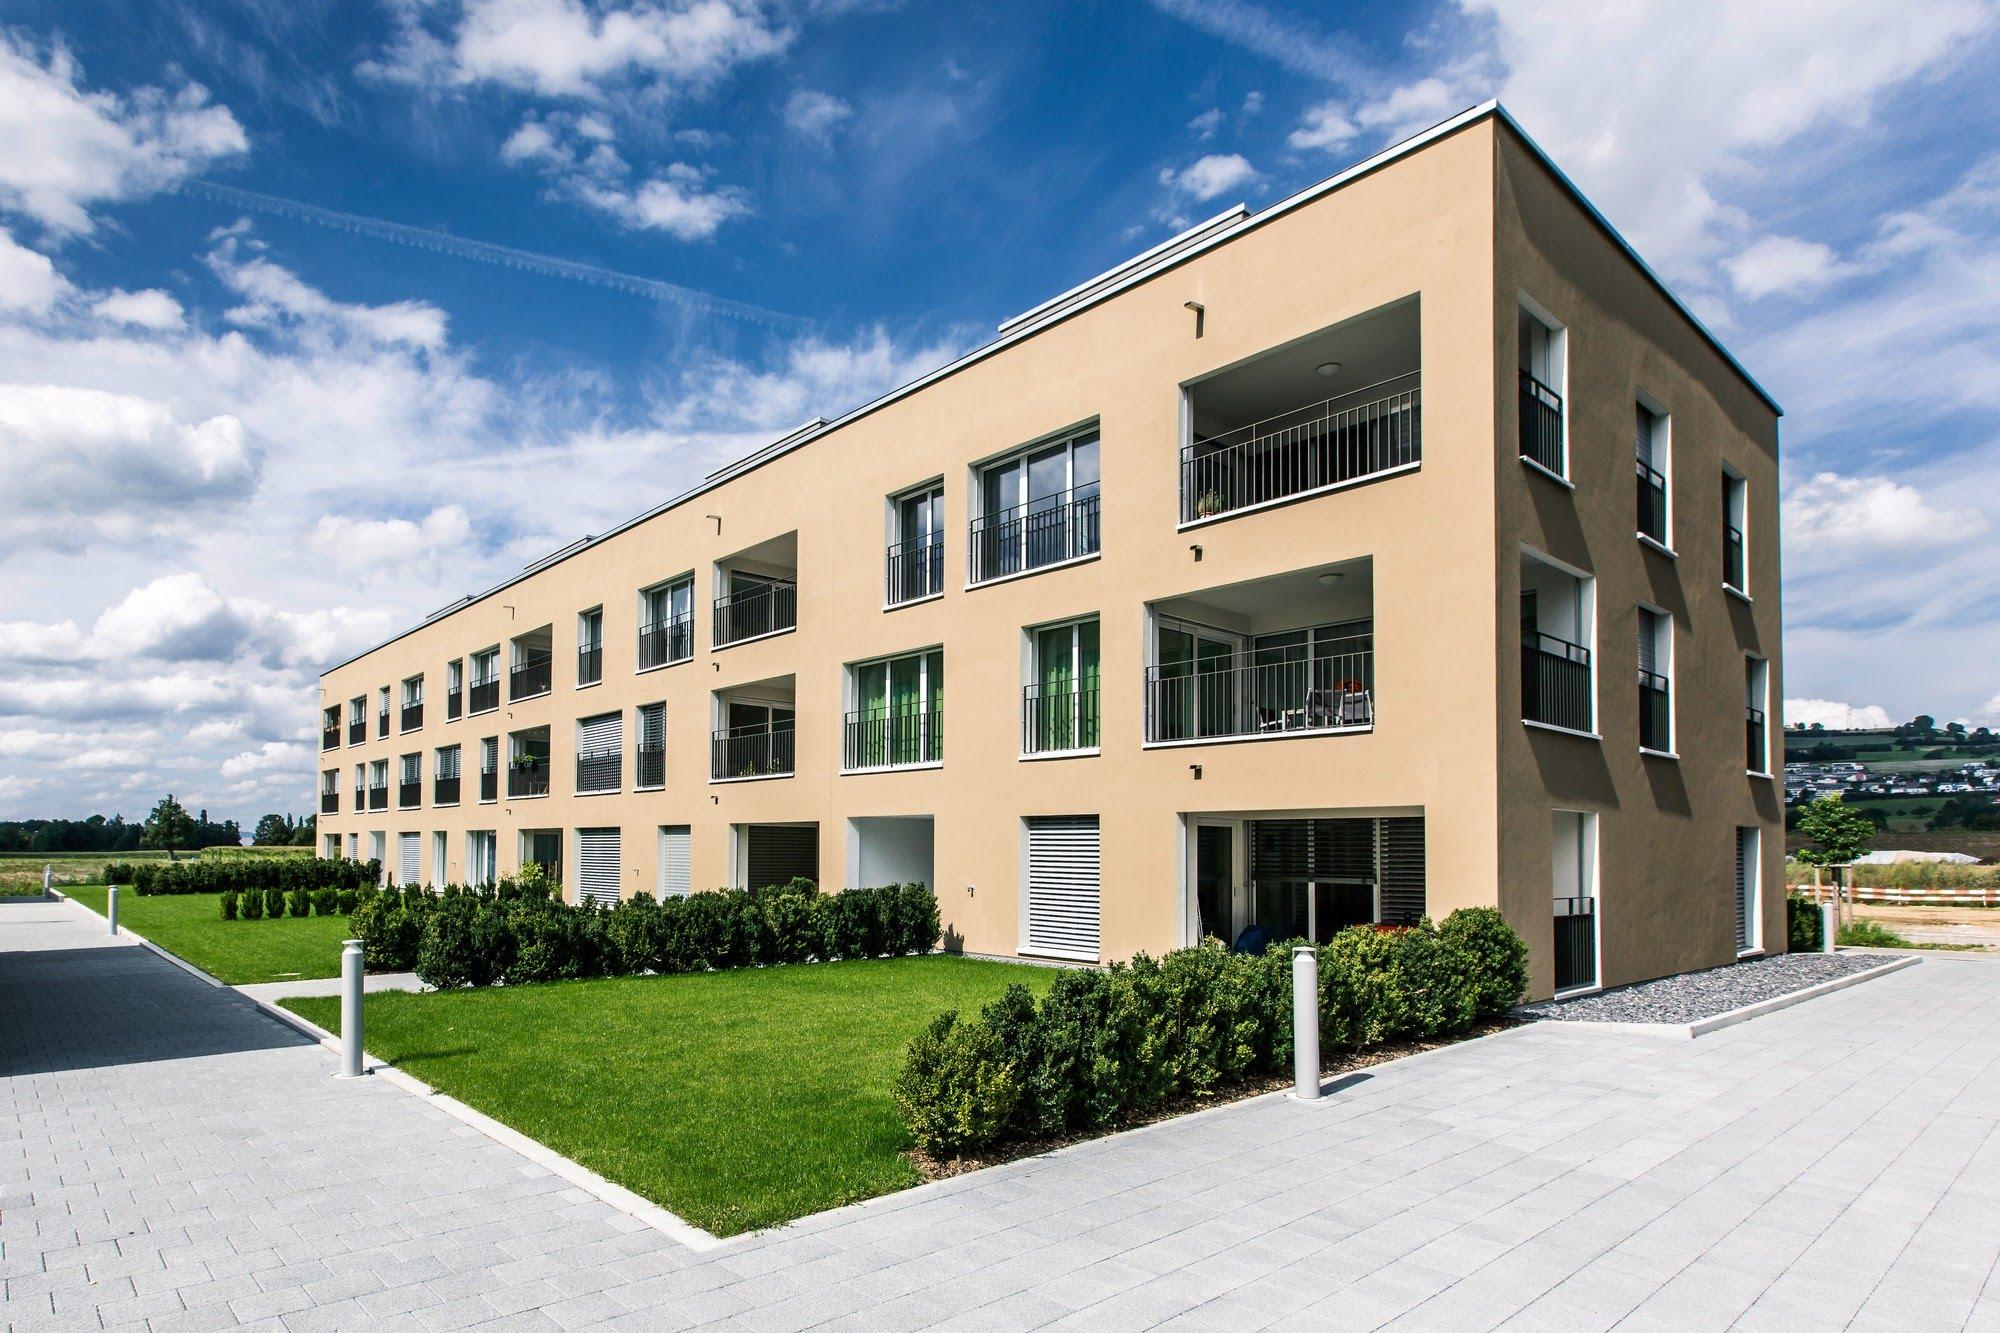 Wohnen MFH MFH Hofstetterfeld in Sursee Architektur,Wohnungsbau,Wohnhäuser,Einfamilienhäuser,Mehrfamilienhäuser